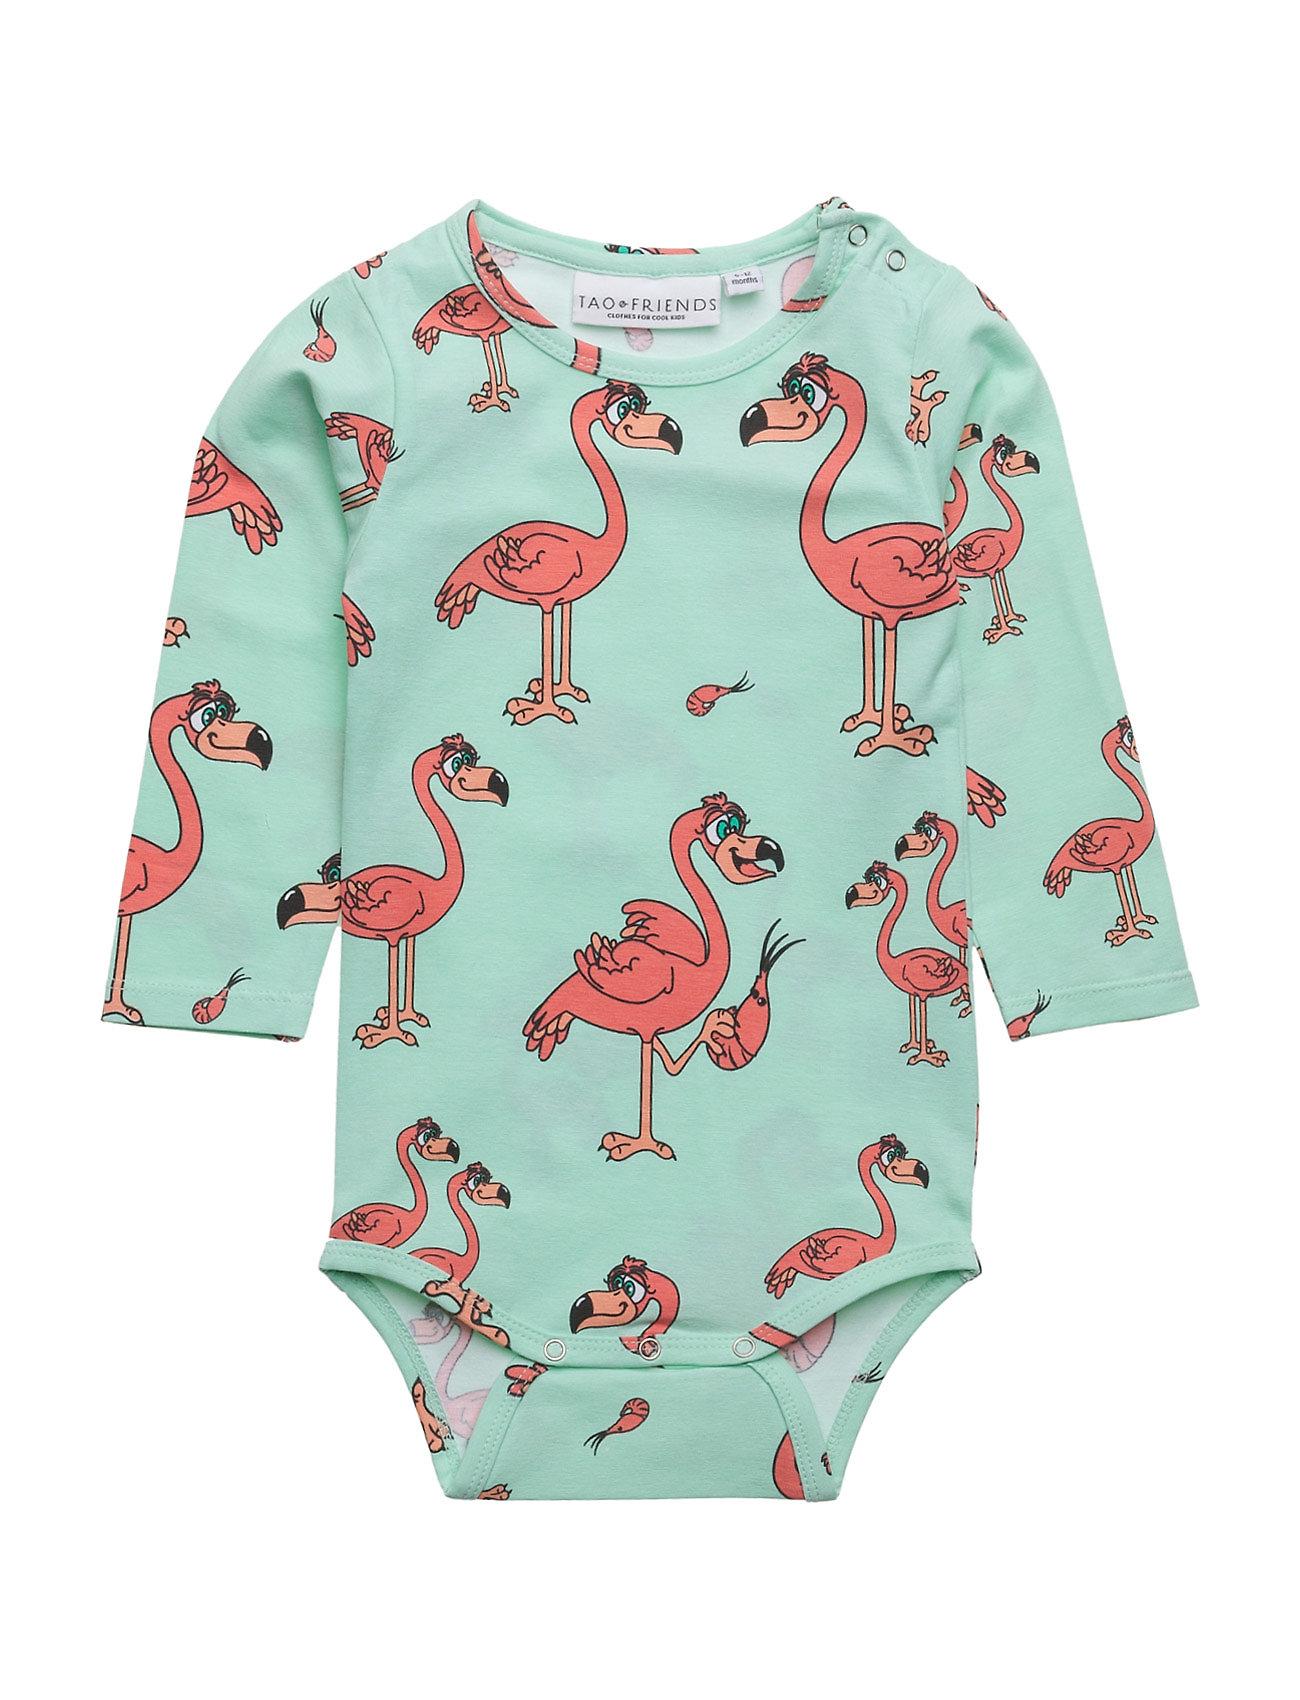 Baby body flamingon multi-animal mint fra tao & friends på boozt.com dk